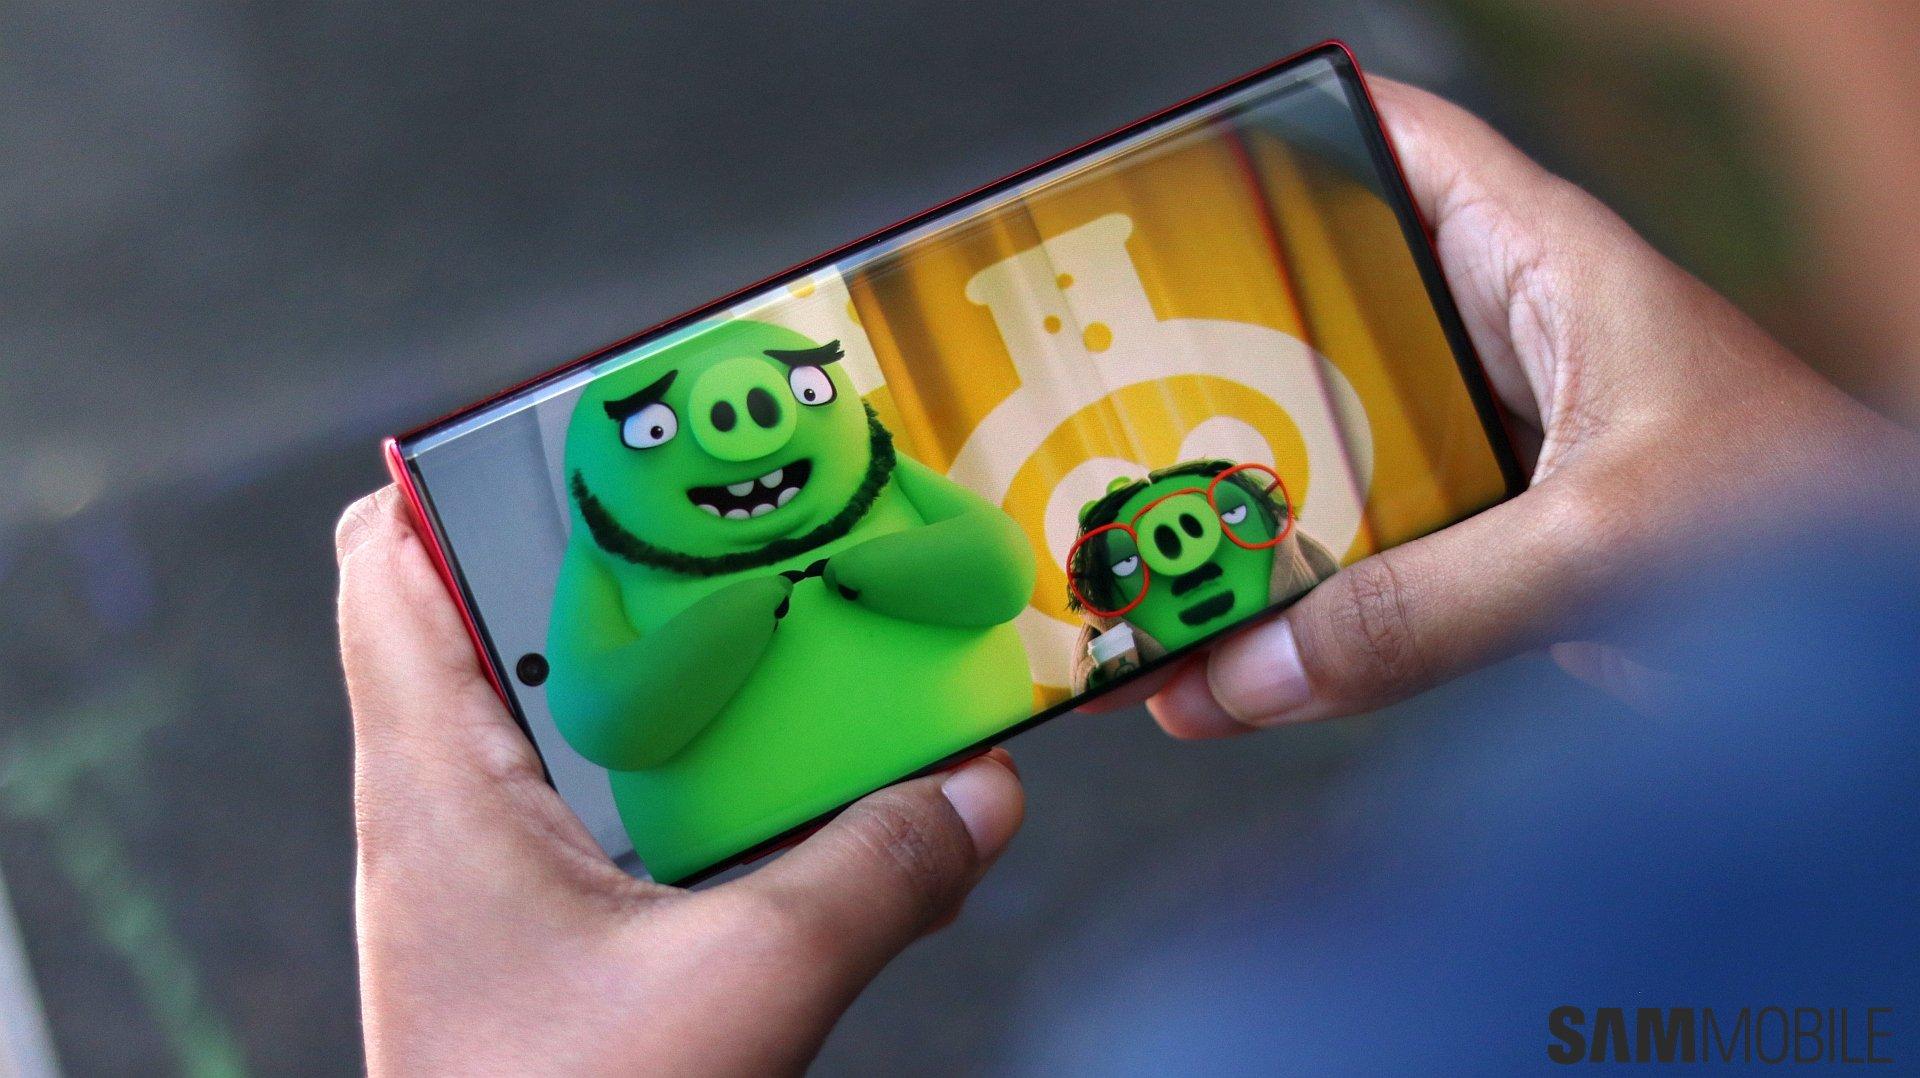 سامسونج Galaxy Note  10 مراجعة: مضغوط Note بالنسبة لأولئك الذين يريدون واحد 2